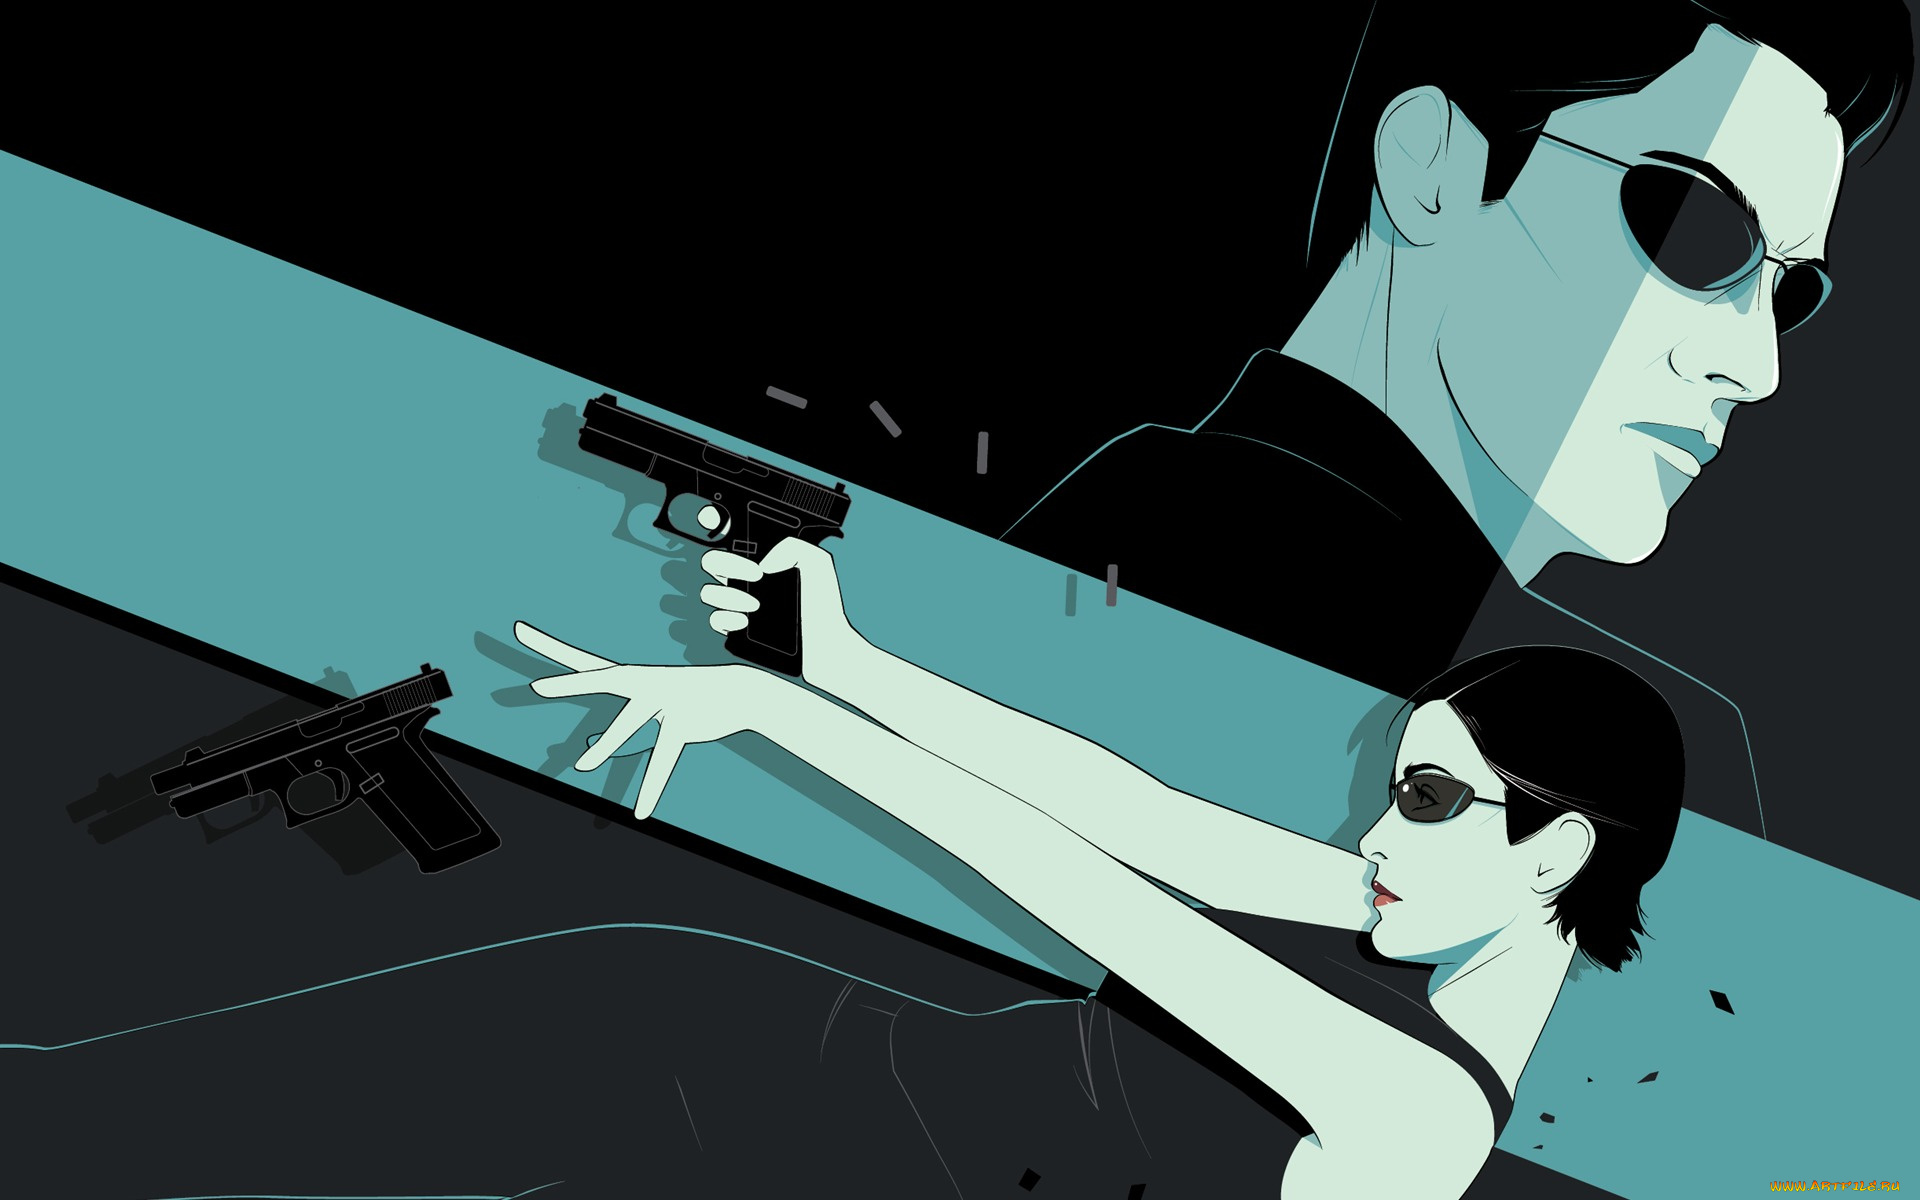 Матрица пистолет  № 3906184  скачать